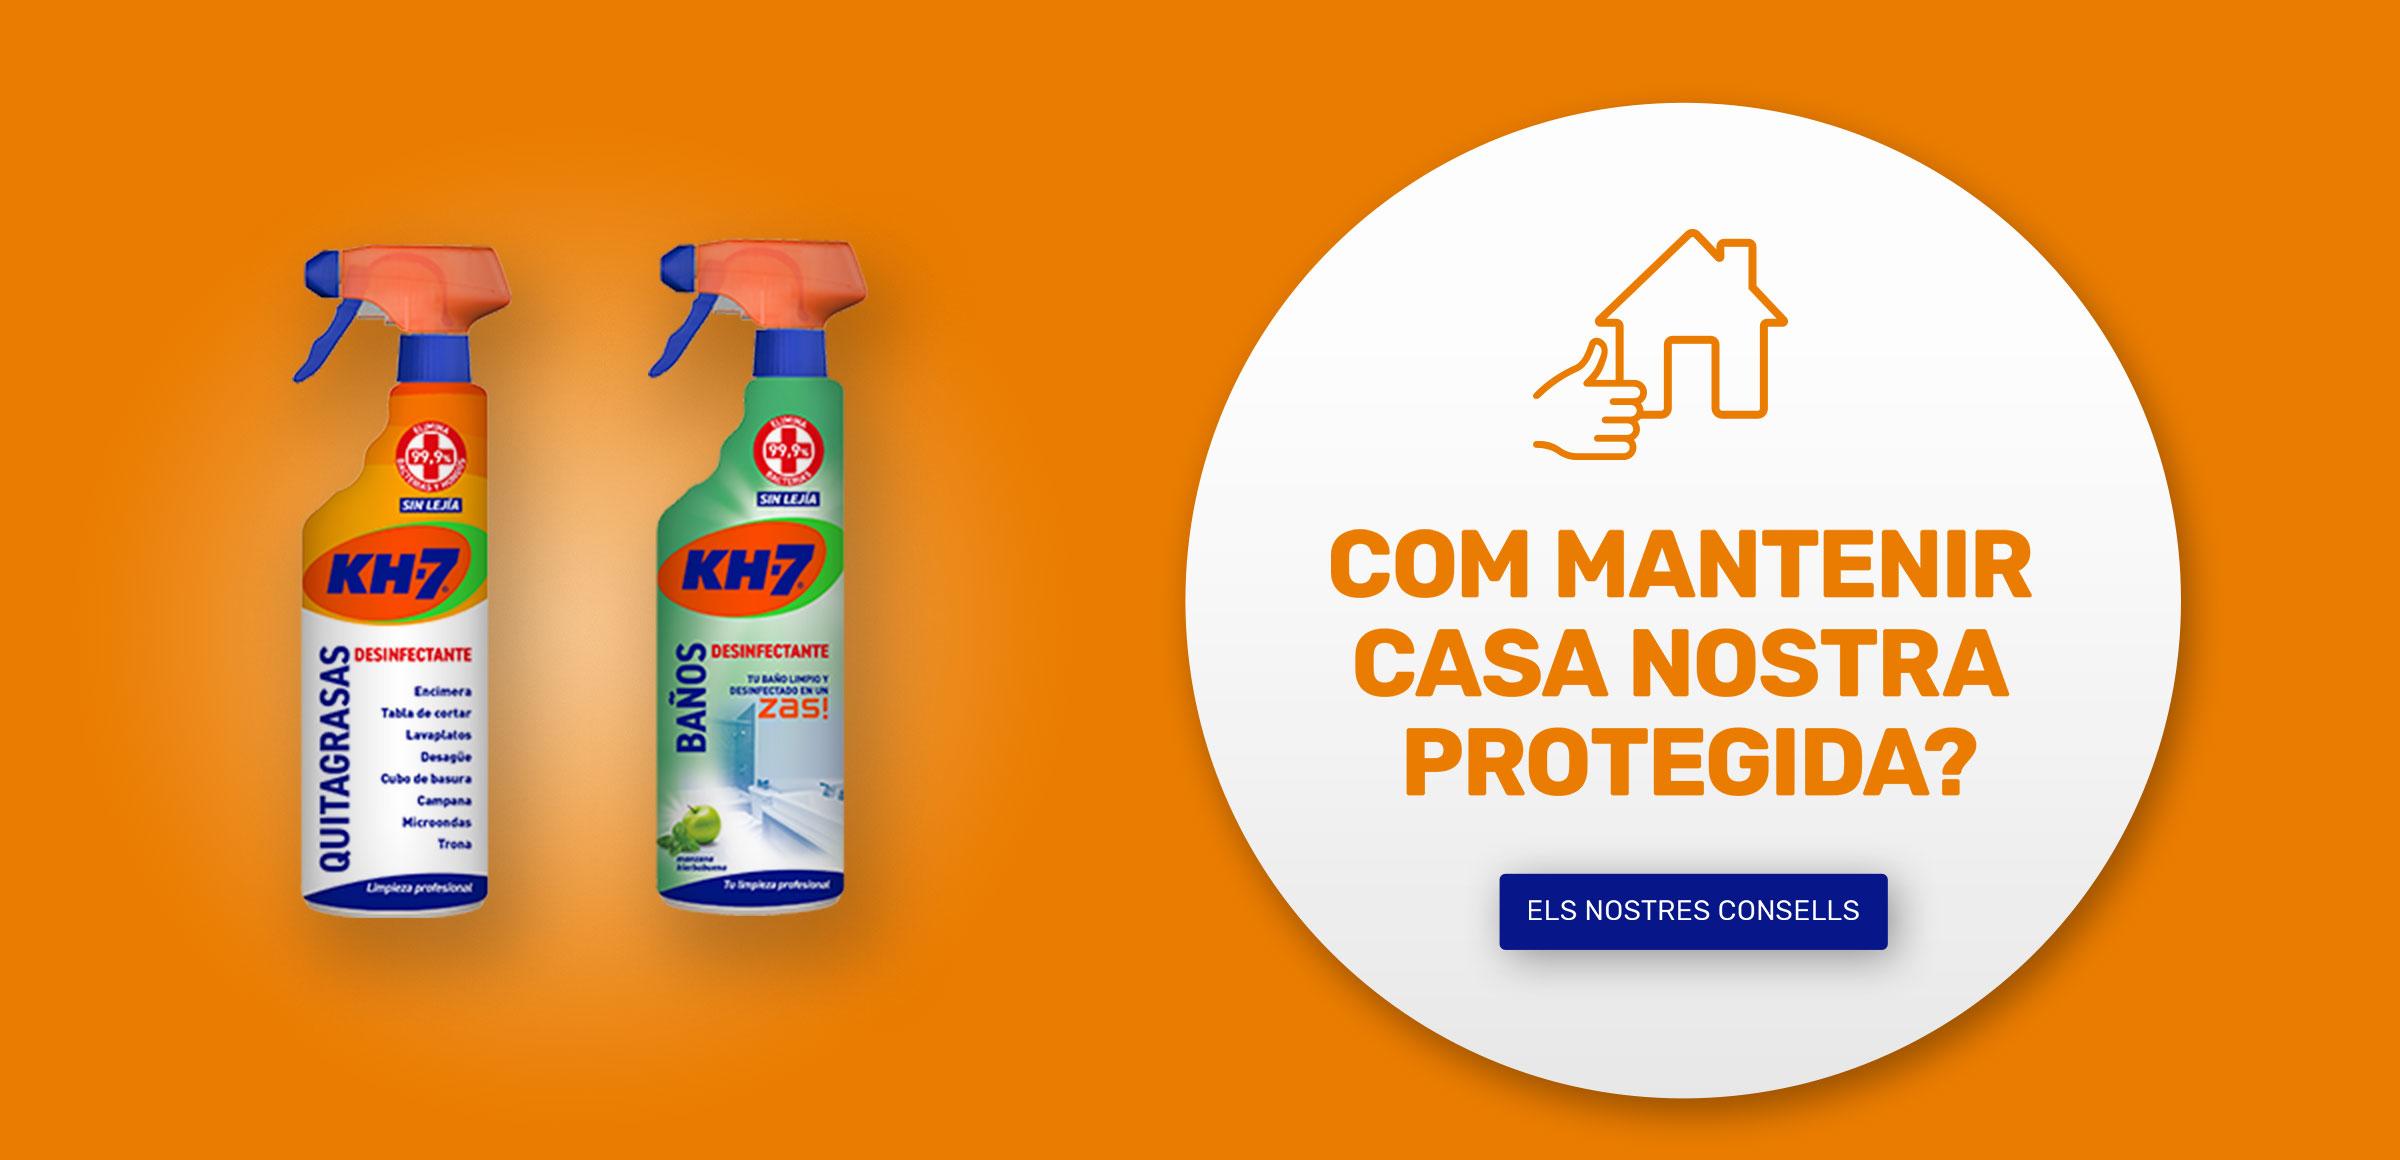 ¿Como mantener nuestra casa protegida?